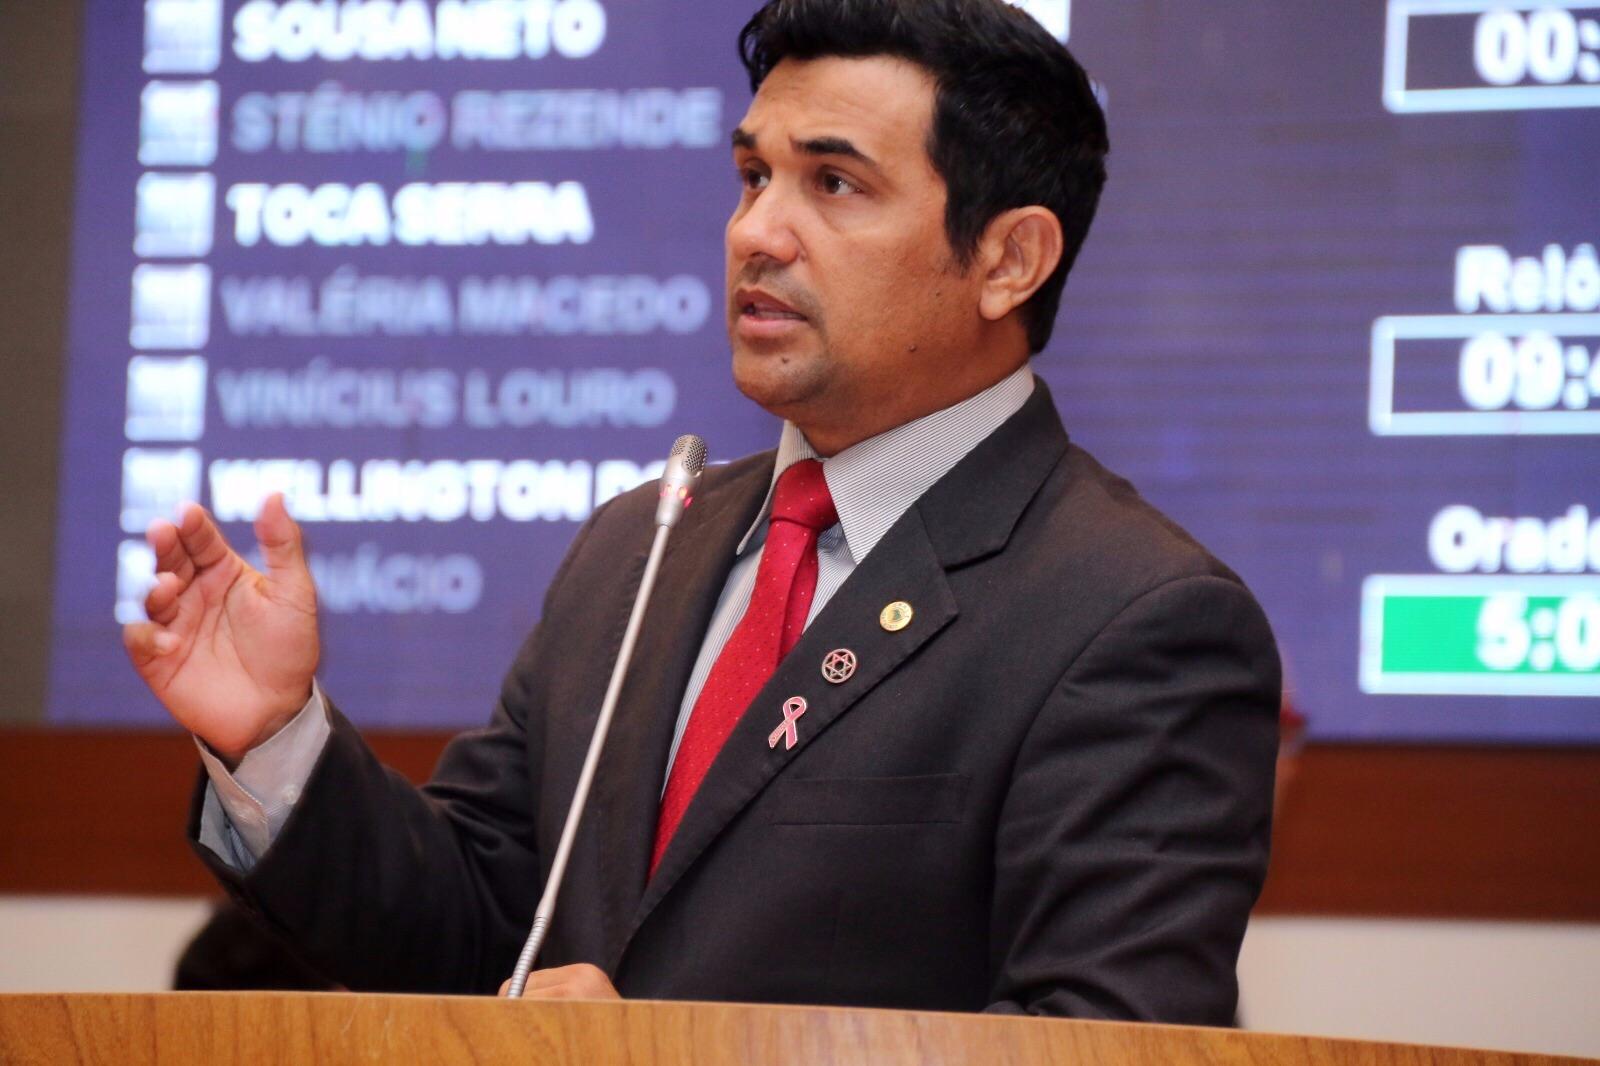 Deputado durante discurso na Assembleia.